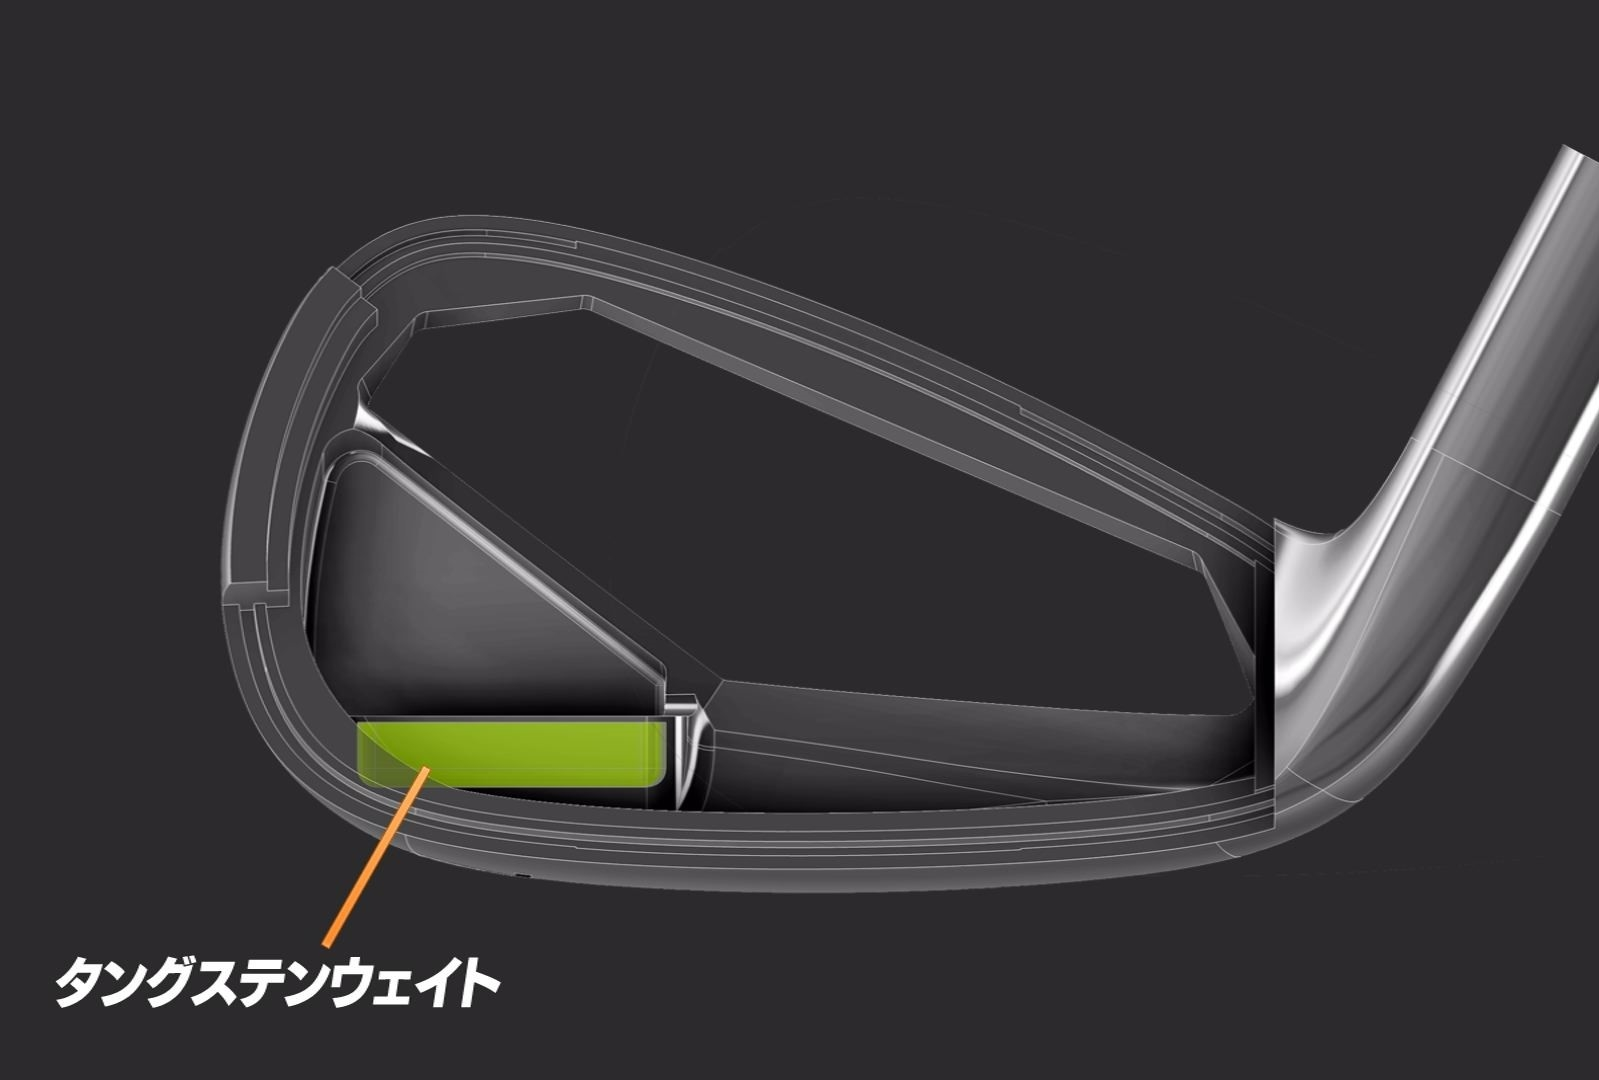 【ギアスタ】メタルファクトリー T2アイアンセット